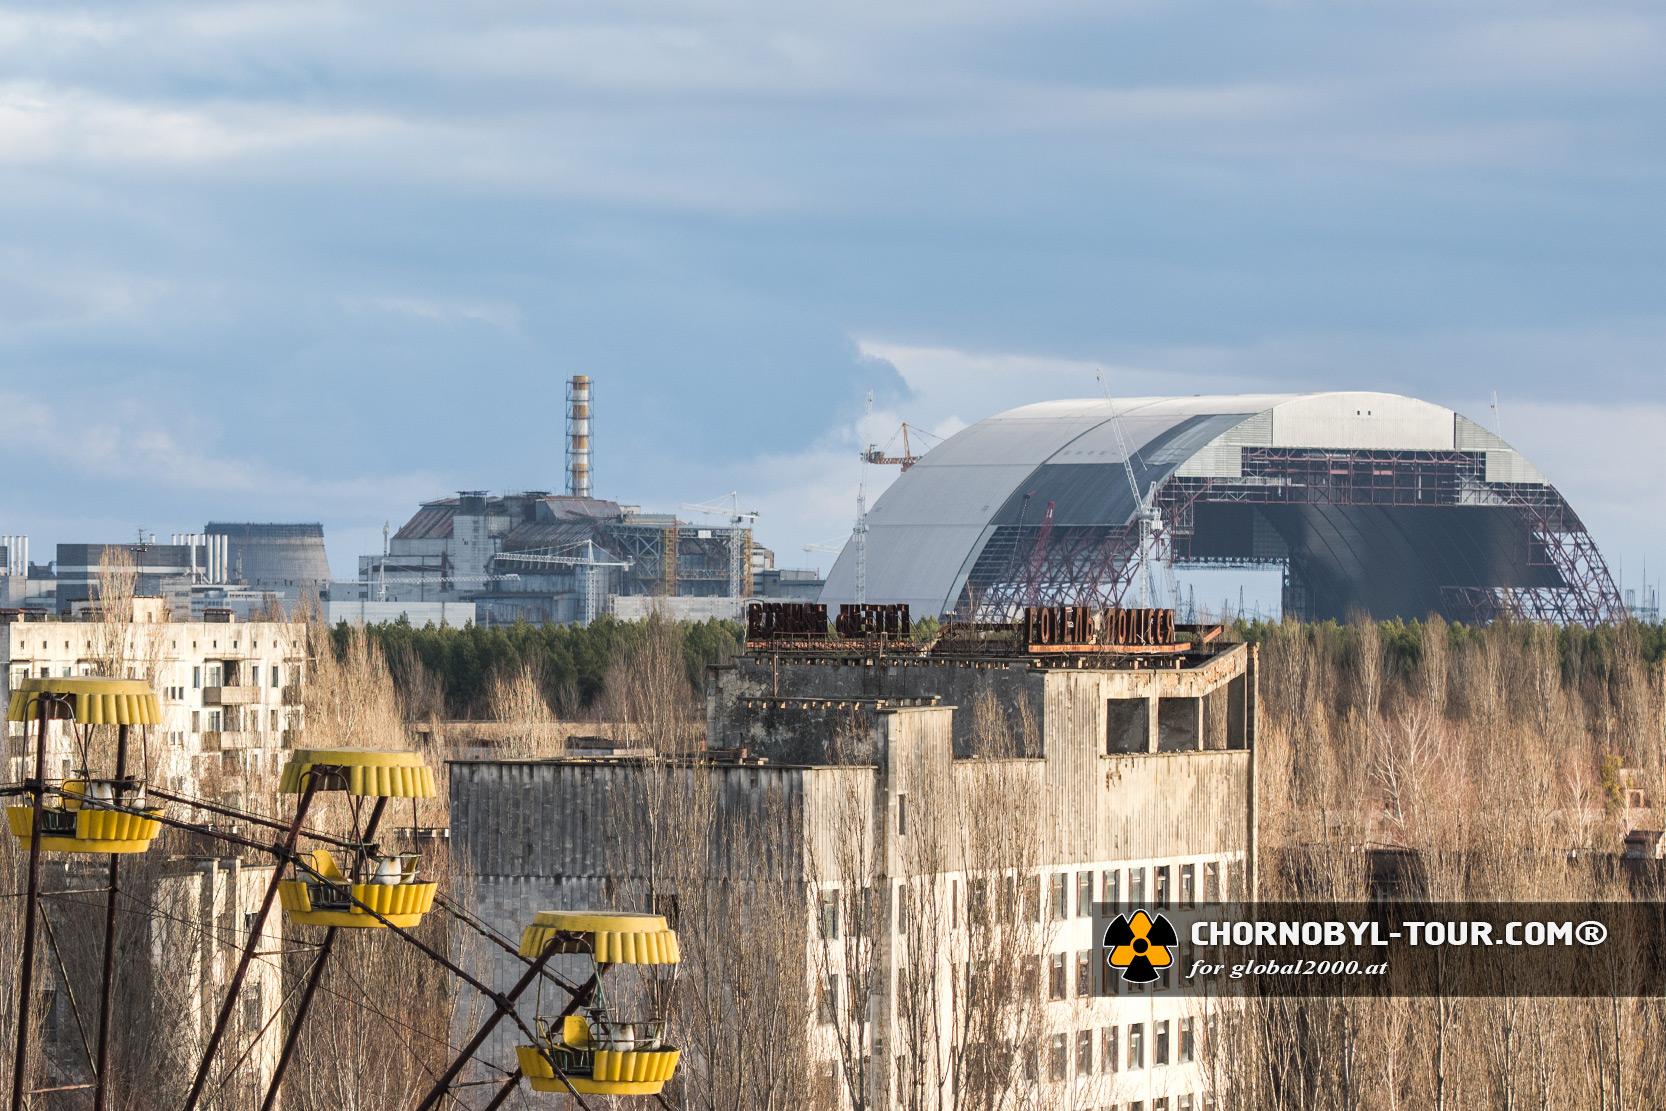 Der neue Sarkophag für die Reaktorruine von Tschernobyl